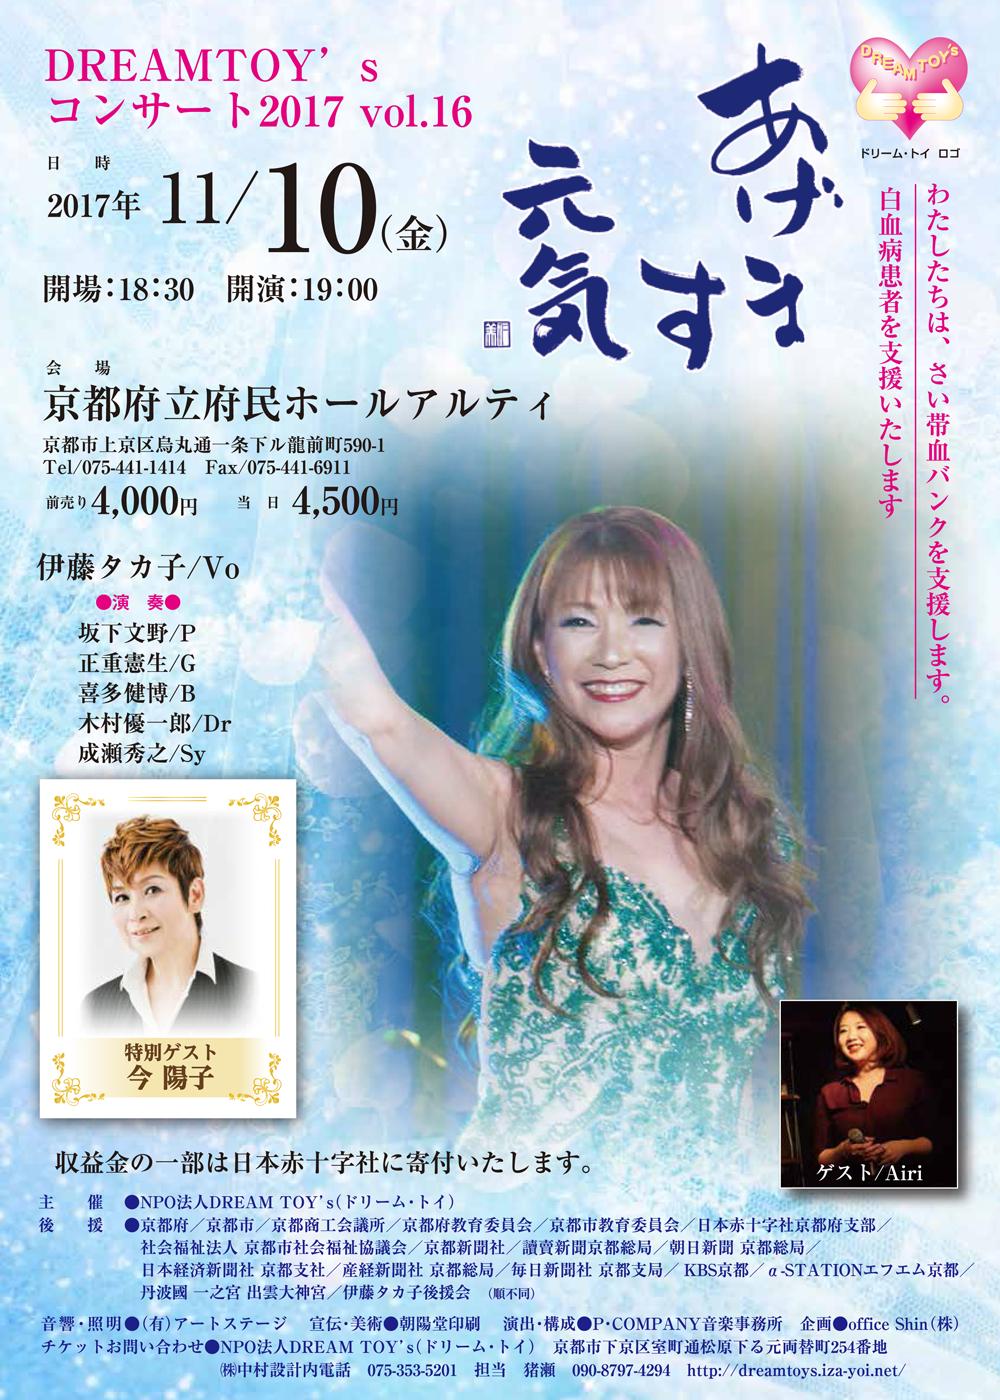 2017年11月10日(金) DREAMTOY'Sコンサート2017 vol.16「あげます元気」